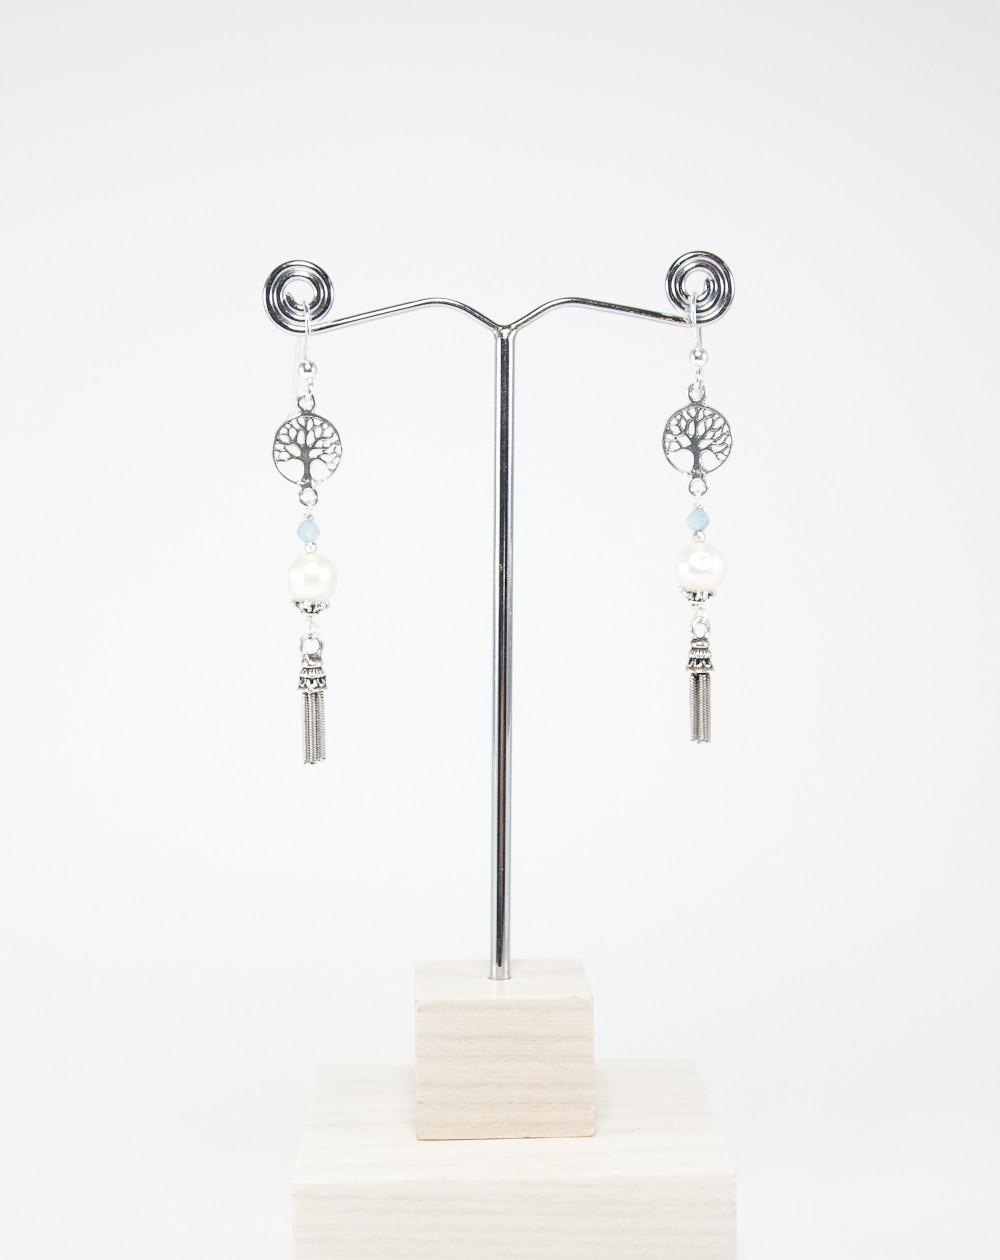 Boucles d'oreilles Arbre de vie Perle et Aigue-Marine, Collection Kimua, Sanuk Création, Bayonne